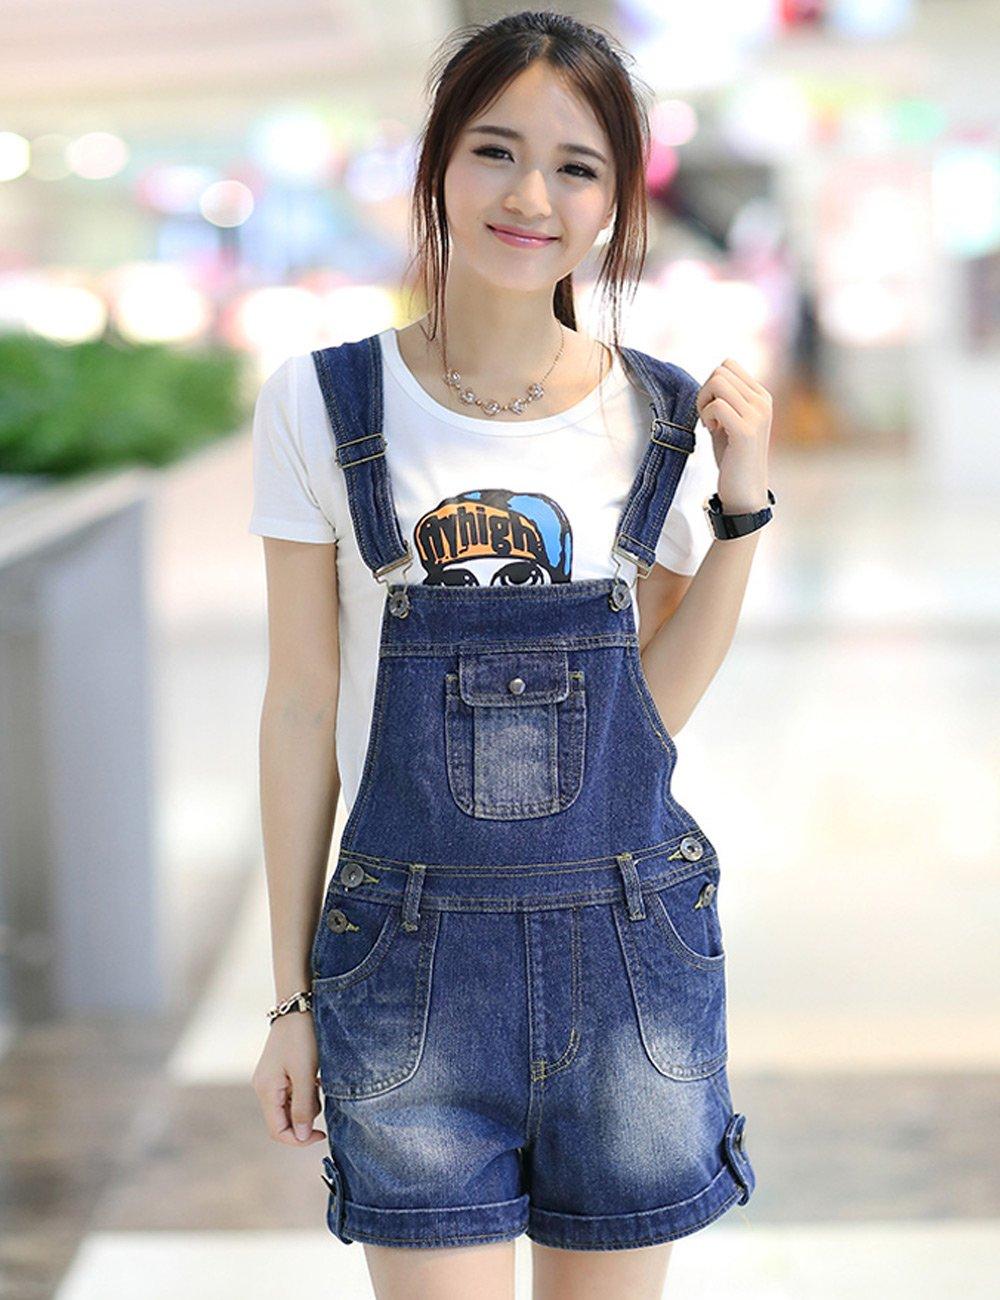 风瘙huaimeimei_baimeimei 柏魅魅 2014年夏季韩版新款时尚显瘦超短裤